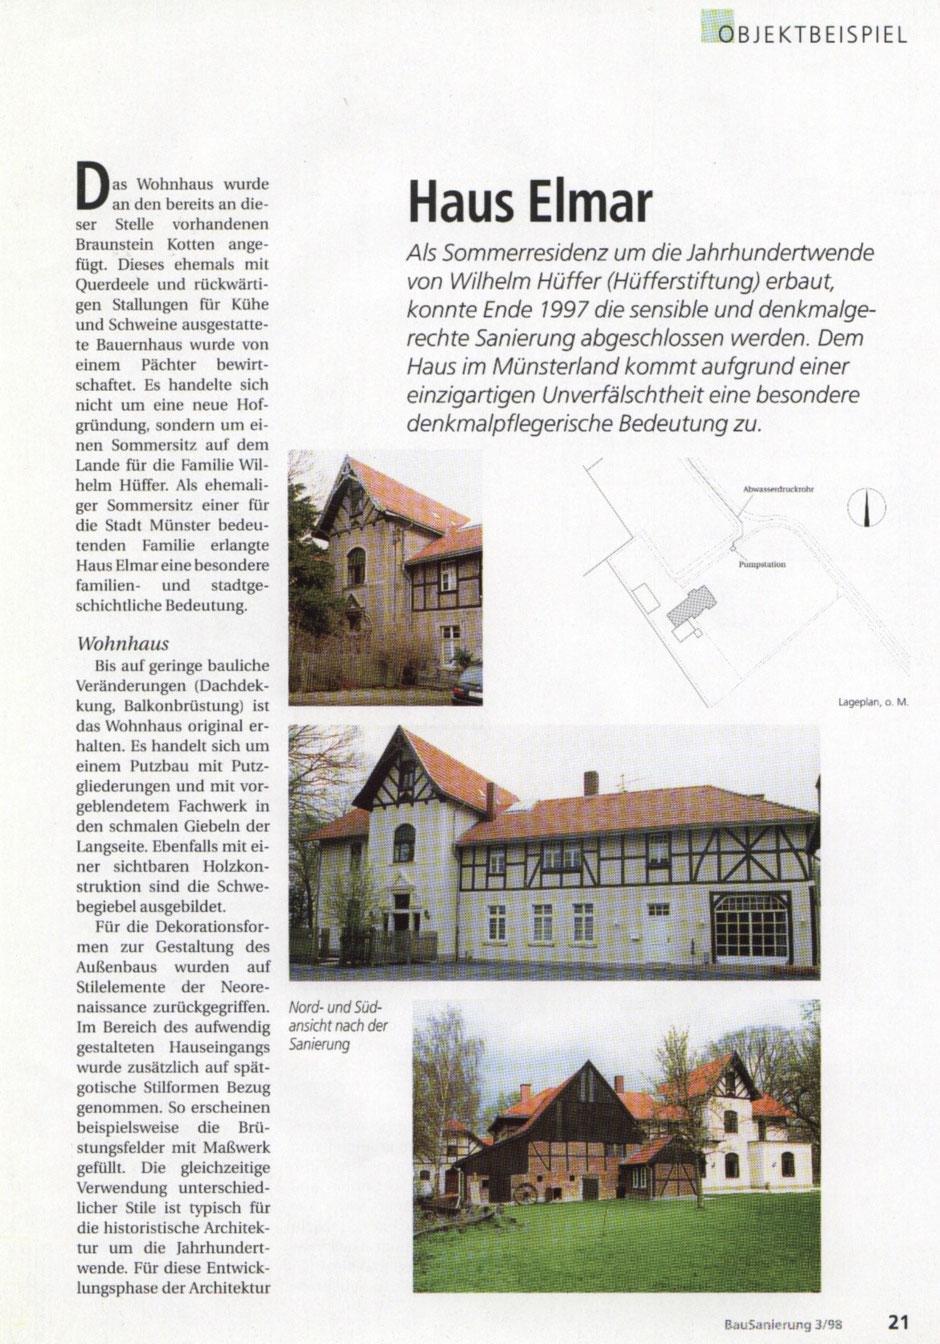 Bilderreihe: Bild2 : Artikel aus der Bausanierung, Sanierung eines Originals, Haus Elmar Münster